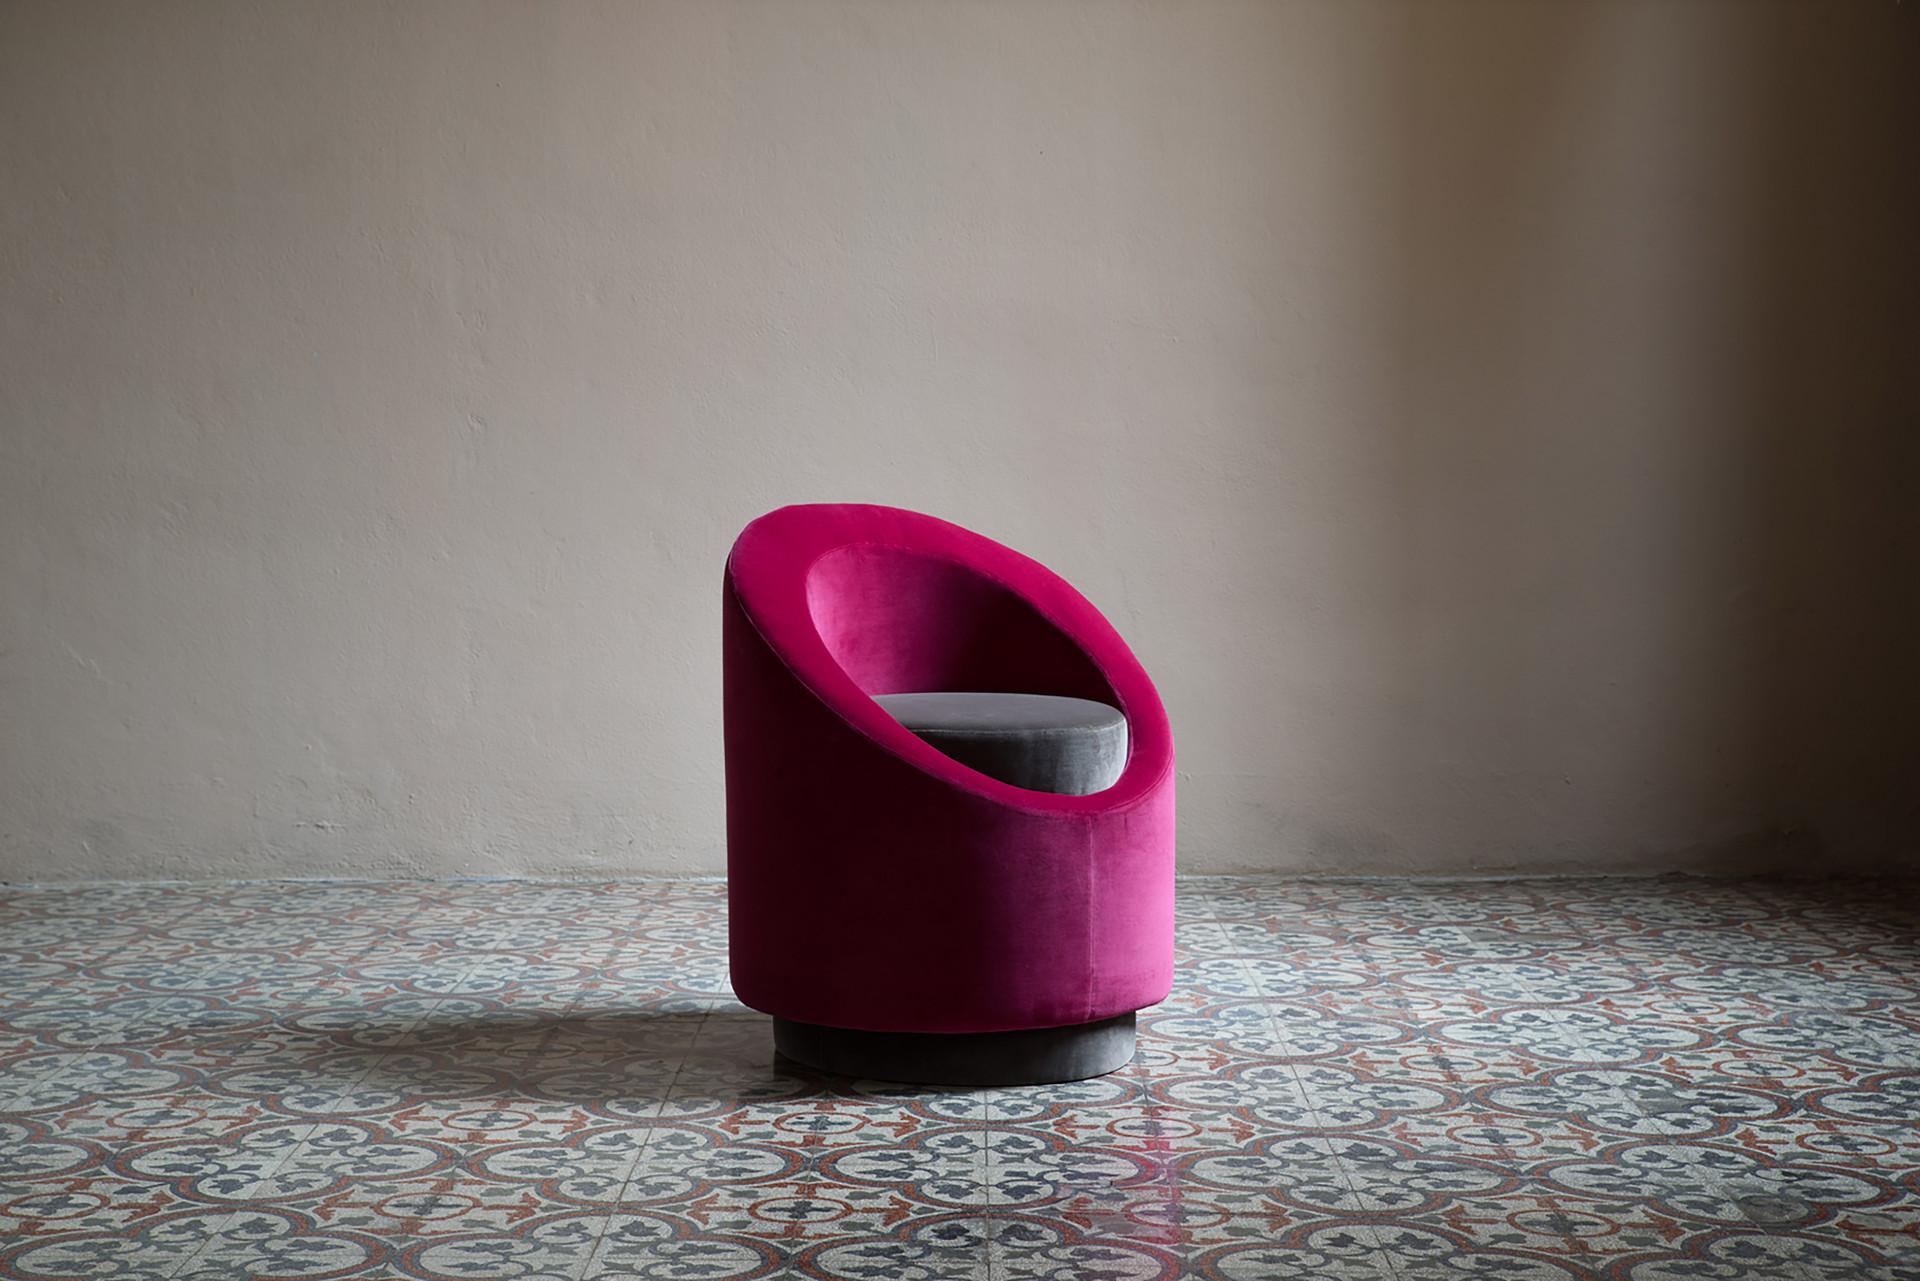 Pierre_Gonalons_design_-_PAARADISOTERRES